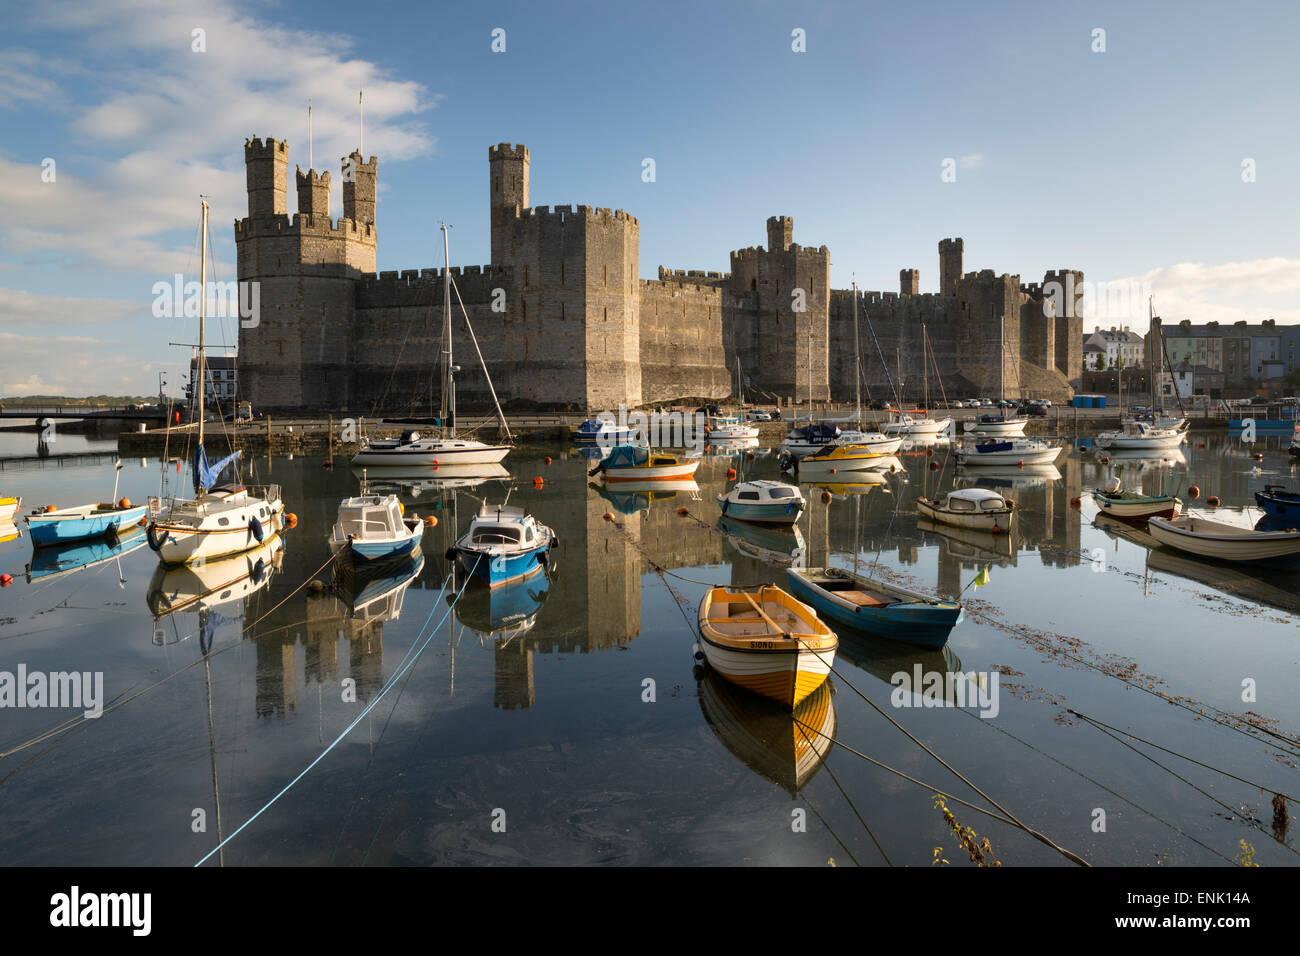 Château de Caernarfon, Site du patrimoine mondial de l'UNESCO, sur la rivière Seiont, Caernarfon, Photo Stock